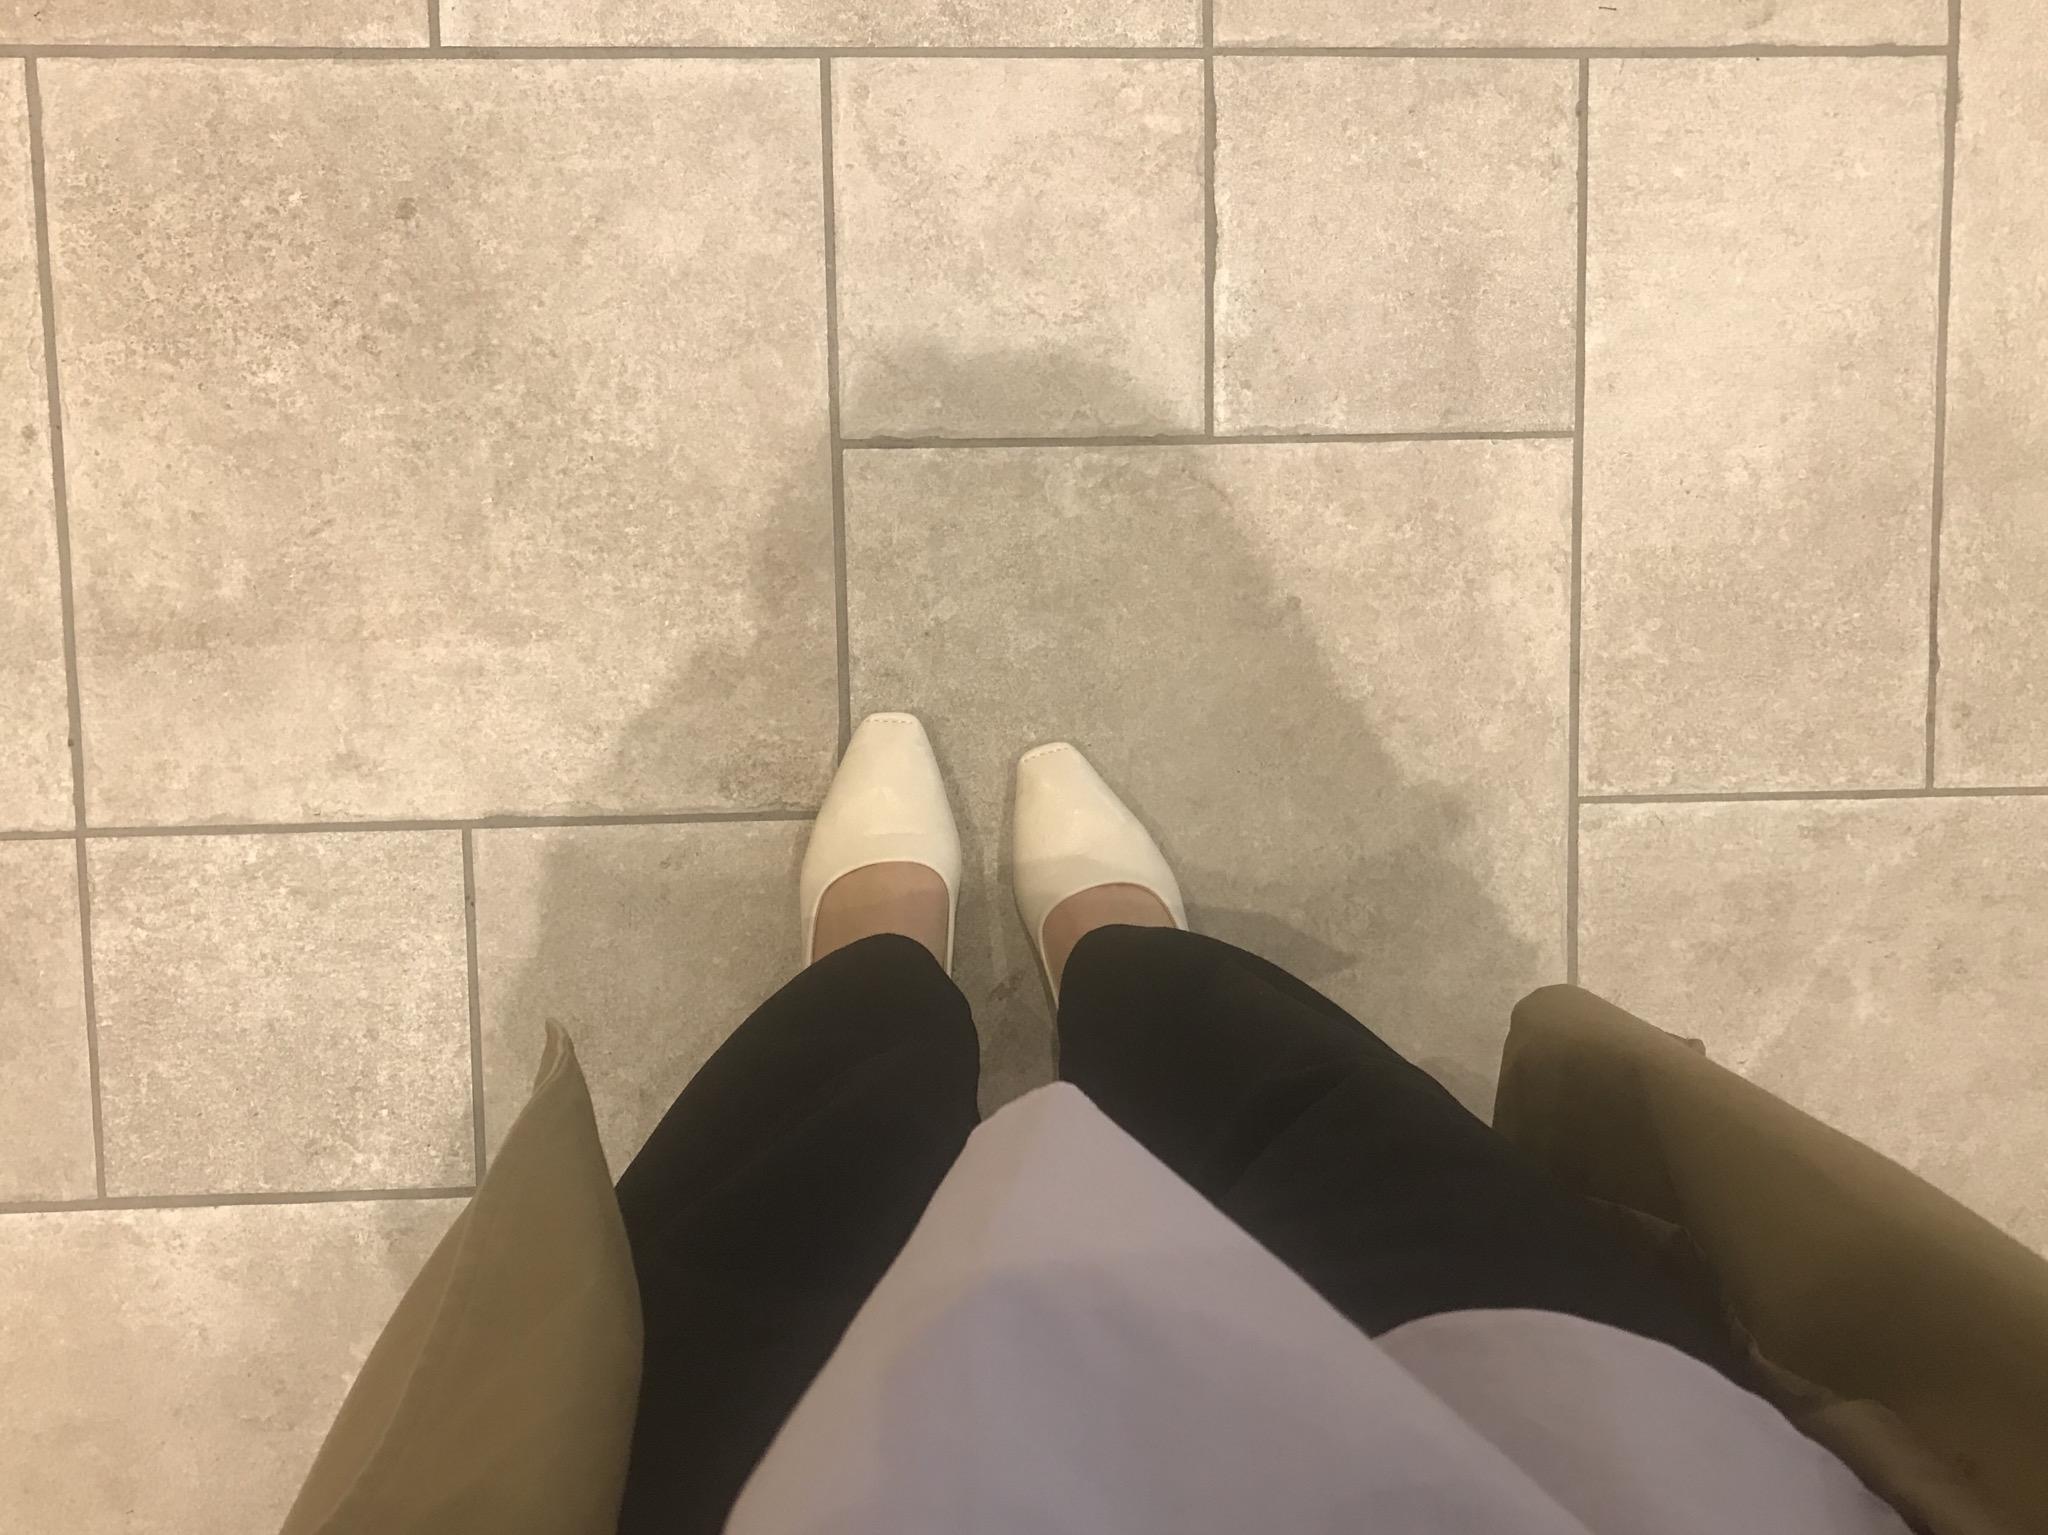 【プチプラ春靴】ホワイトカラーの《スクエアトゥシューズ》❃❃❃_7